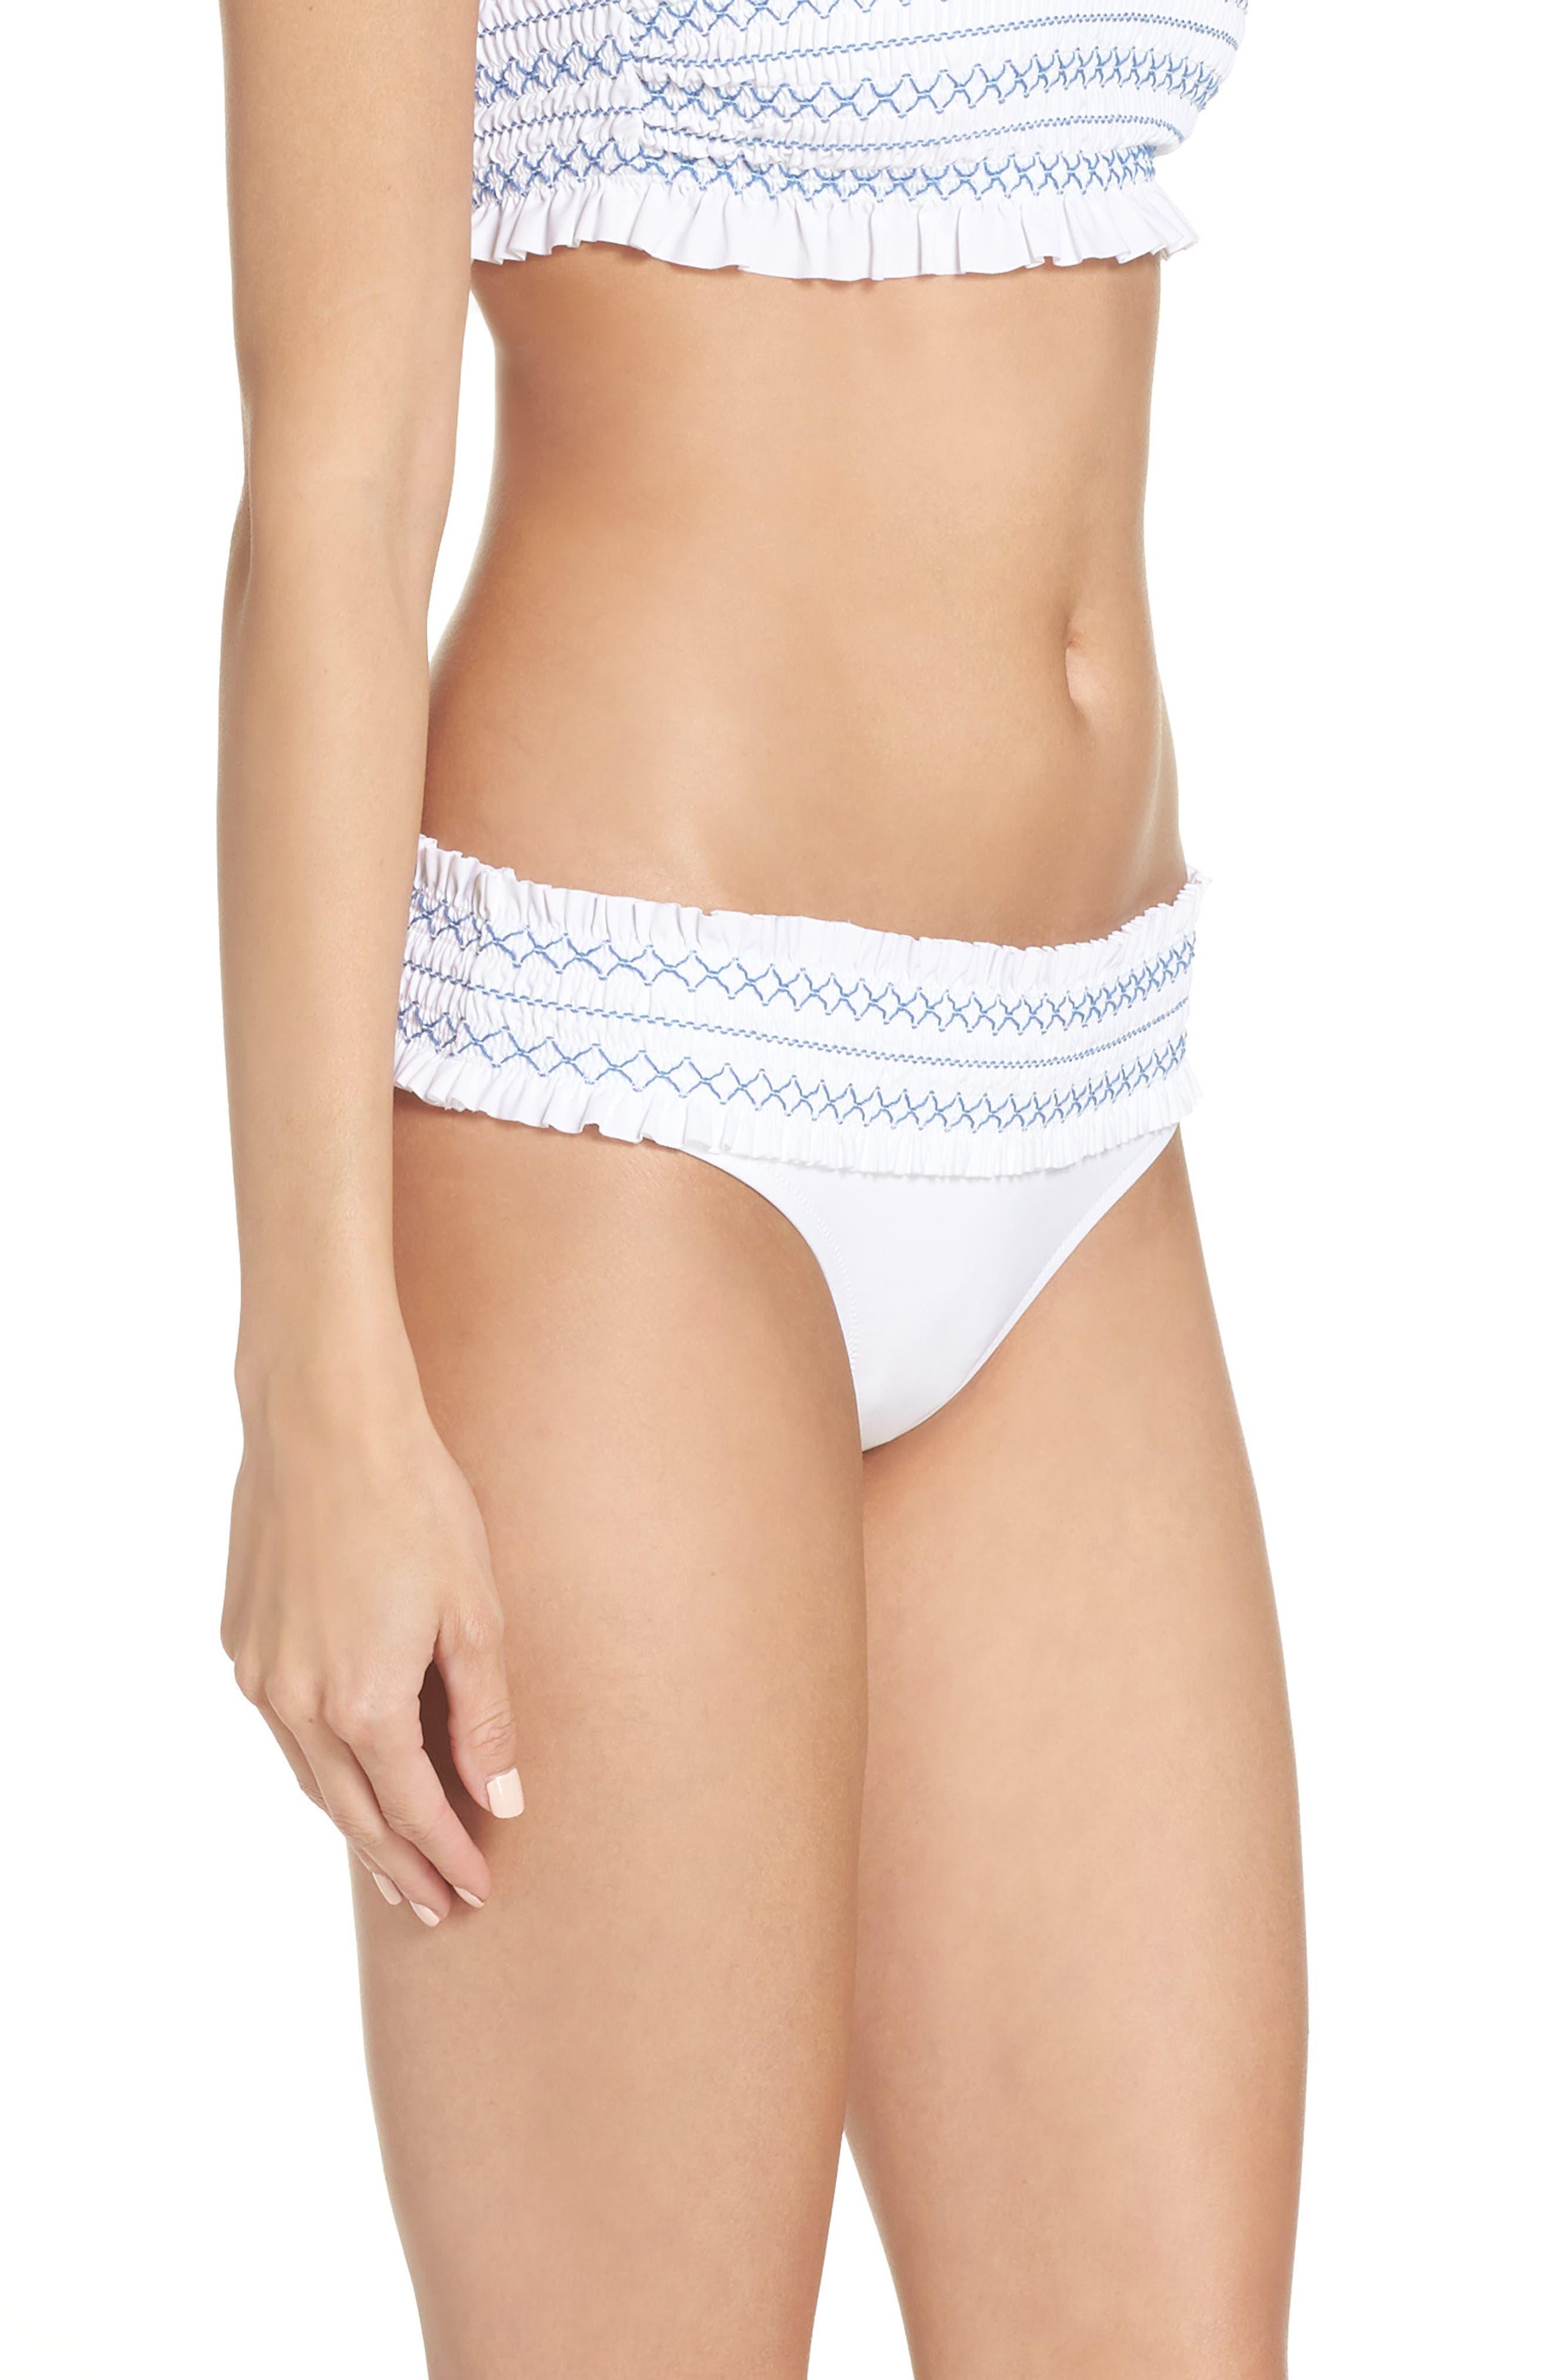 Costa Smocked Hipster Bikini Bottoms,                             Alternate thumbnail 3, color,                             WHITE / BLUE DUSK